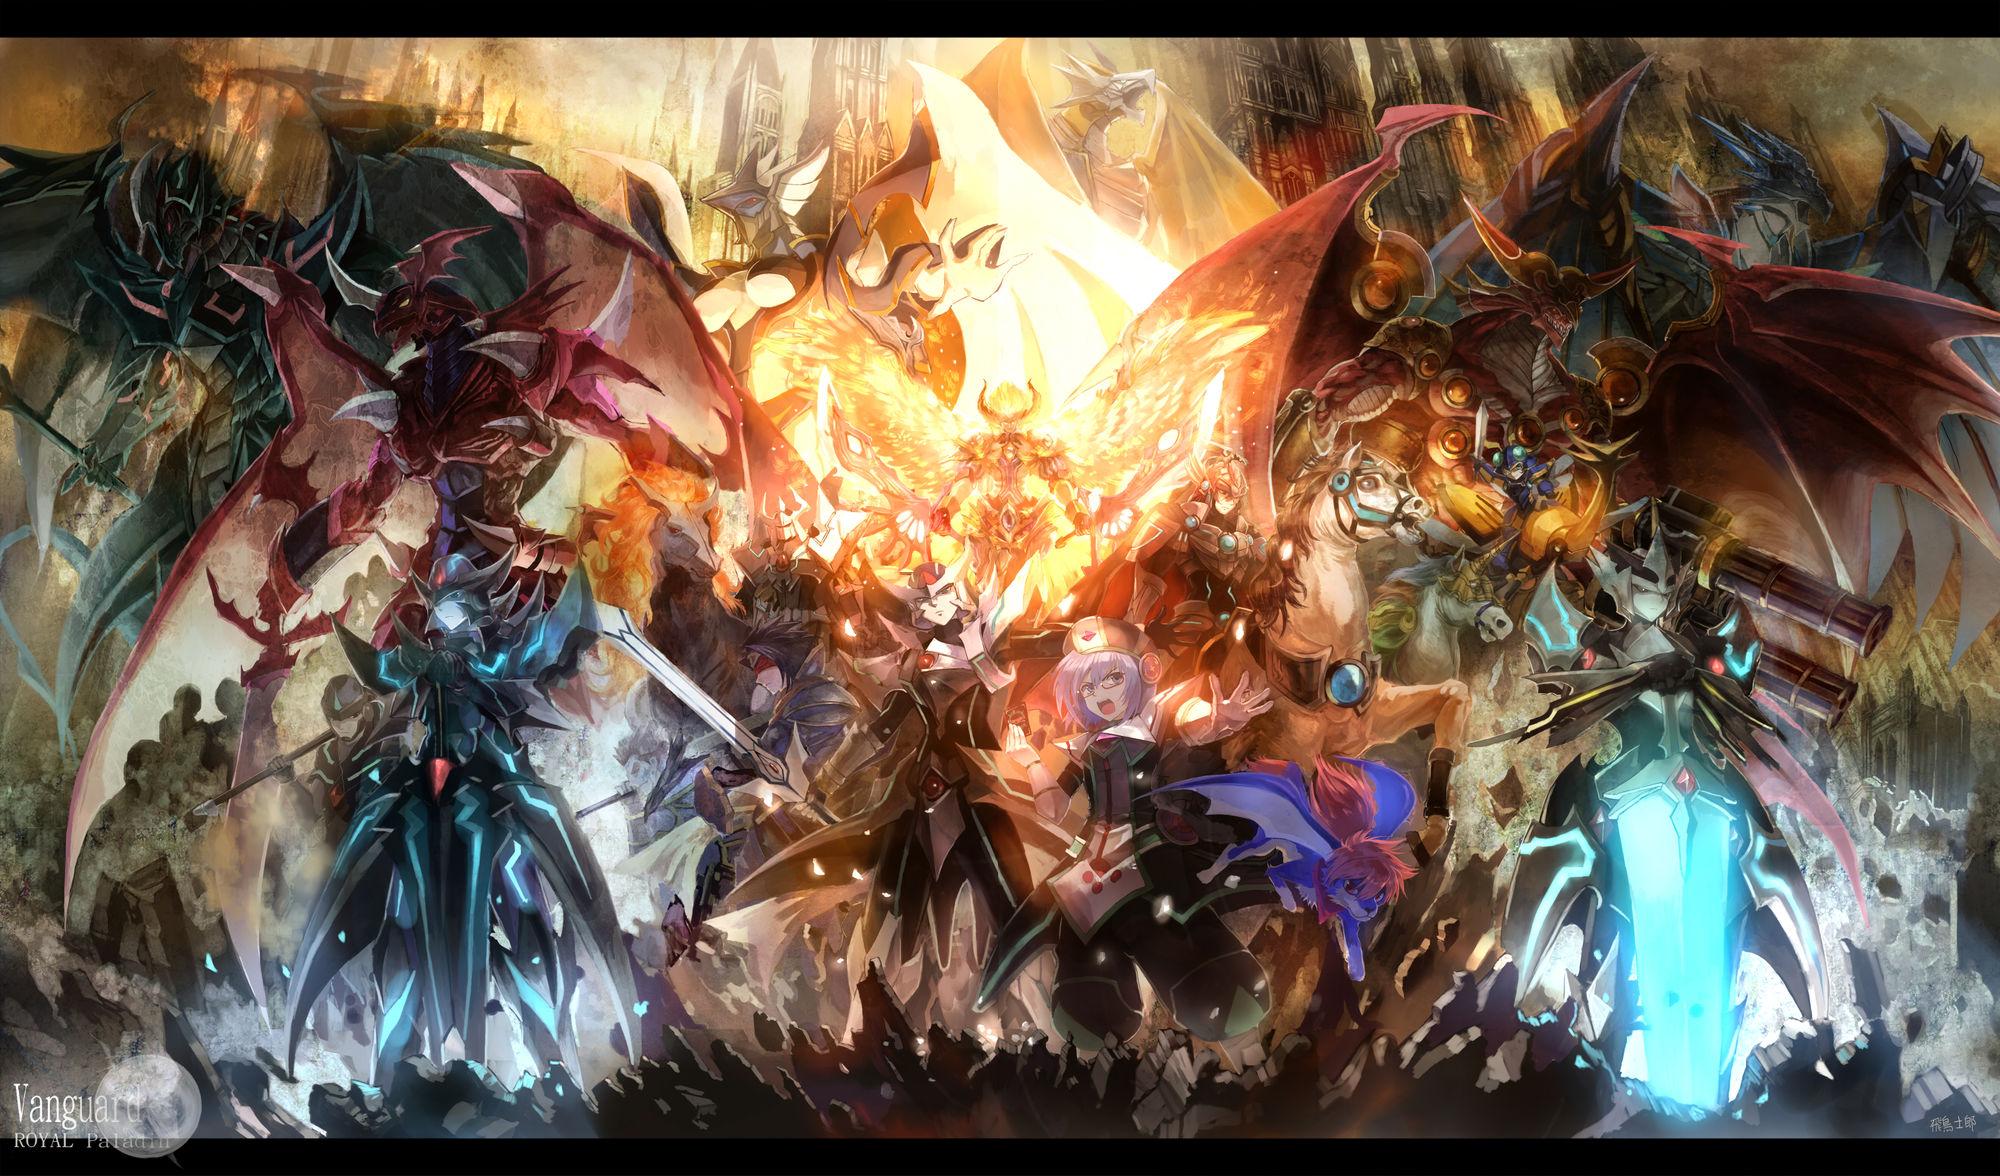 Cardfight!! Vanguard HD wallpapers, Desktop wallpaper - most viewed